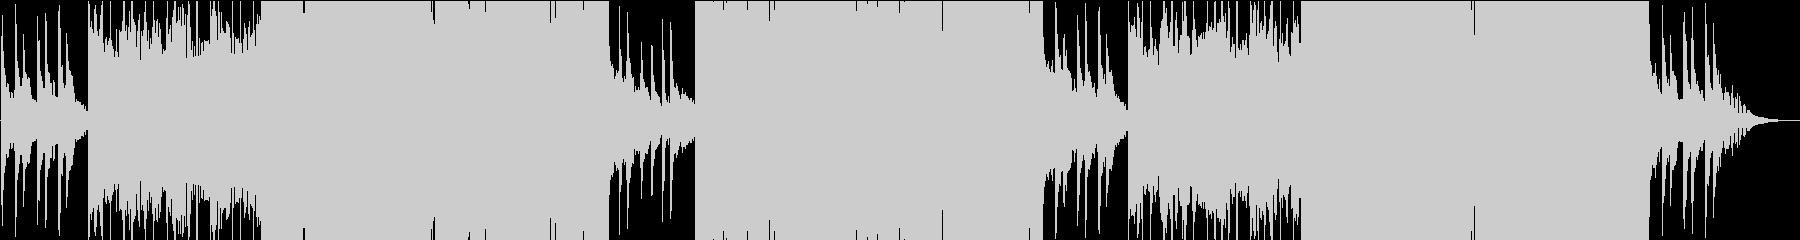 映像用切なく静かなFutureBassの未再生の波形